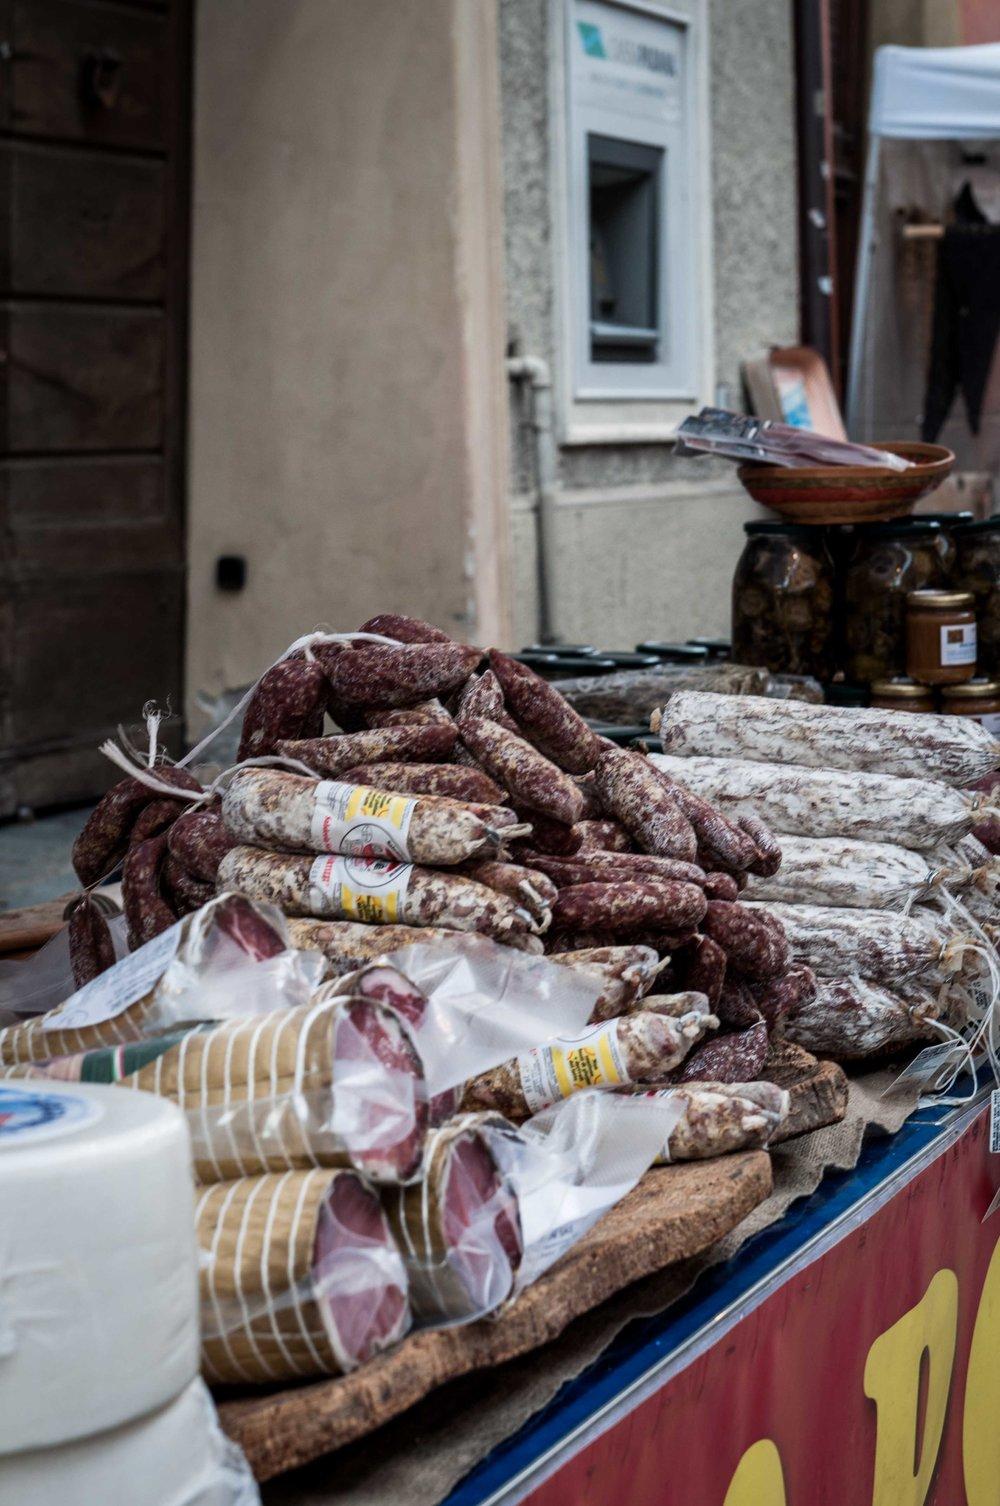 Sardininan Sausages